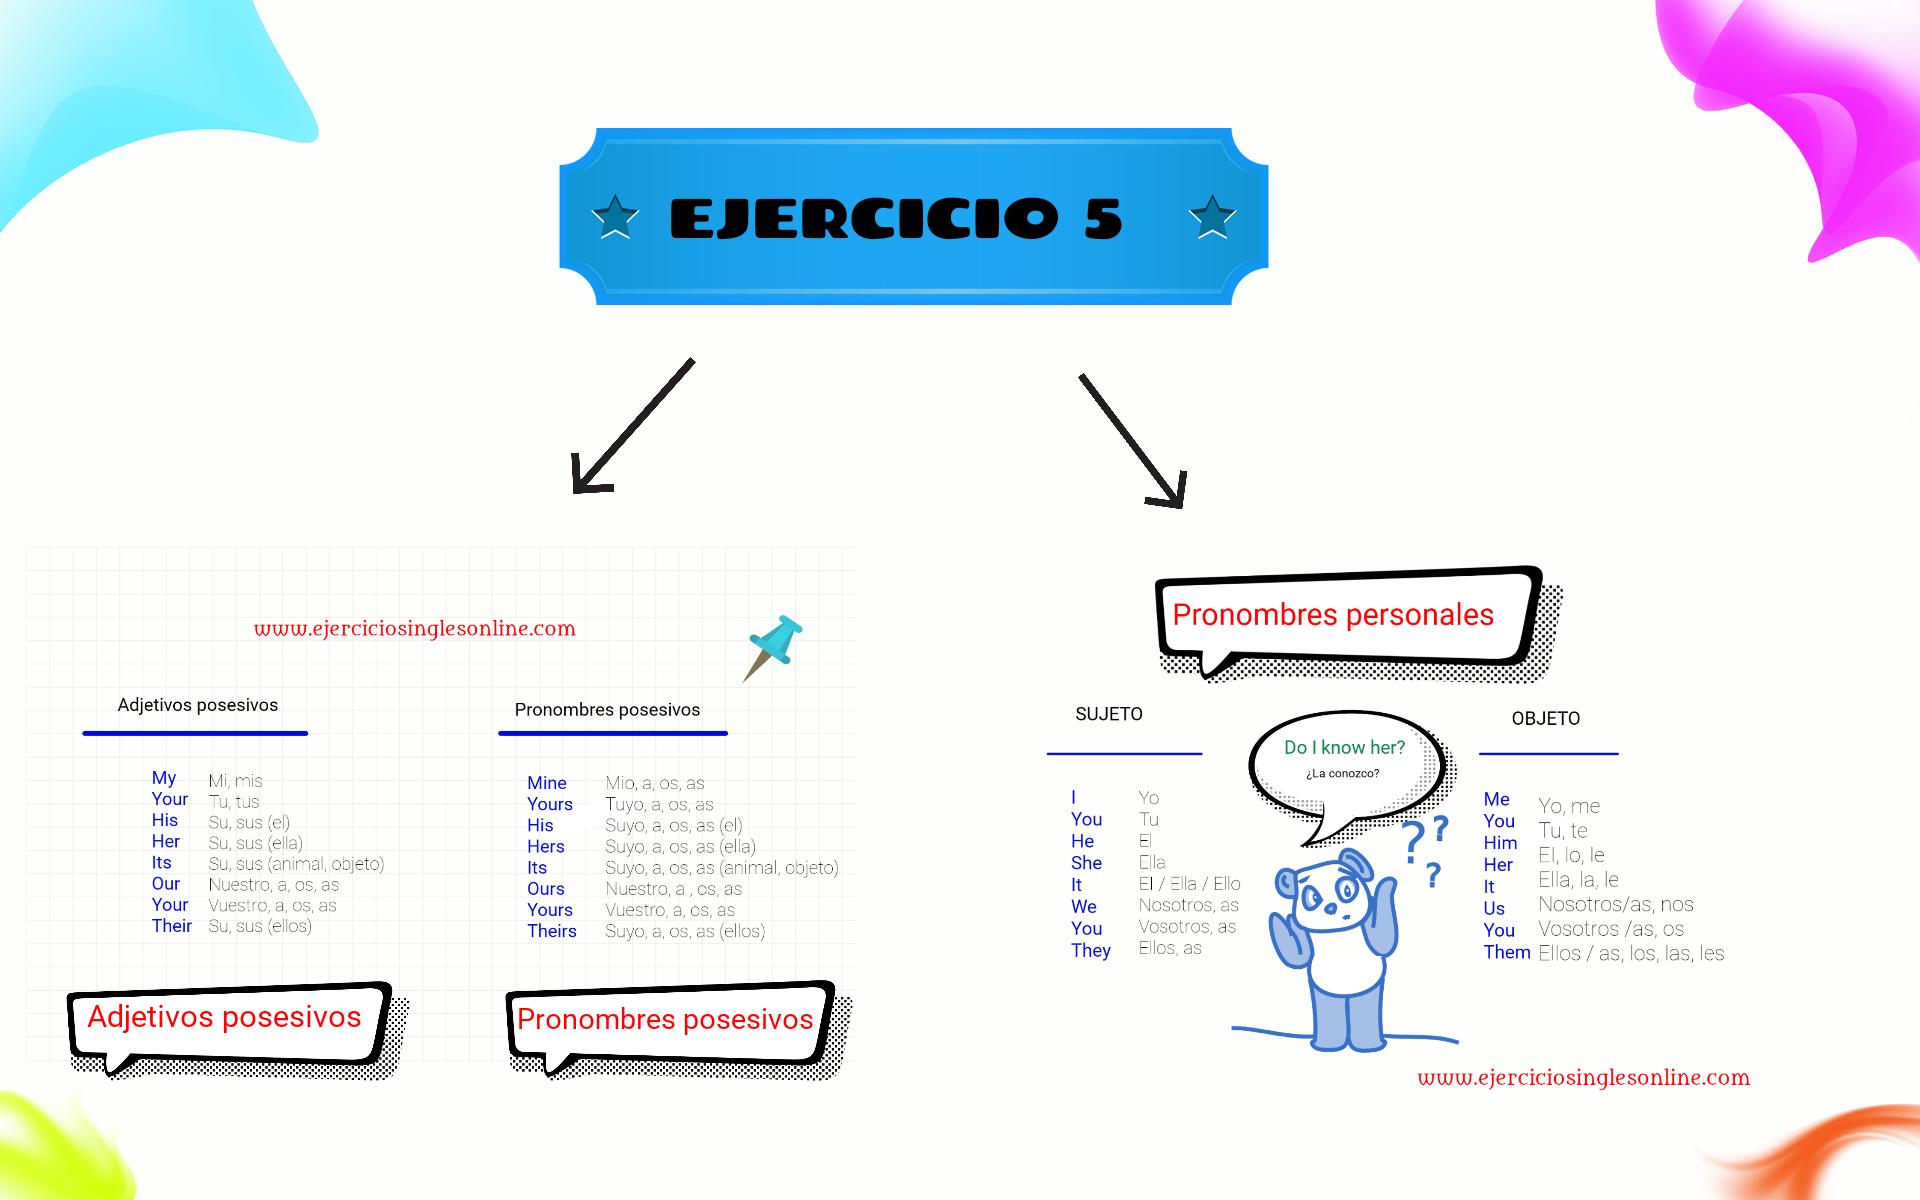 Ejercicio 5 - Pronombres en inglés